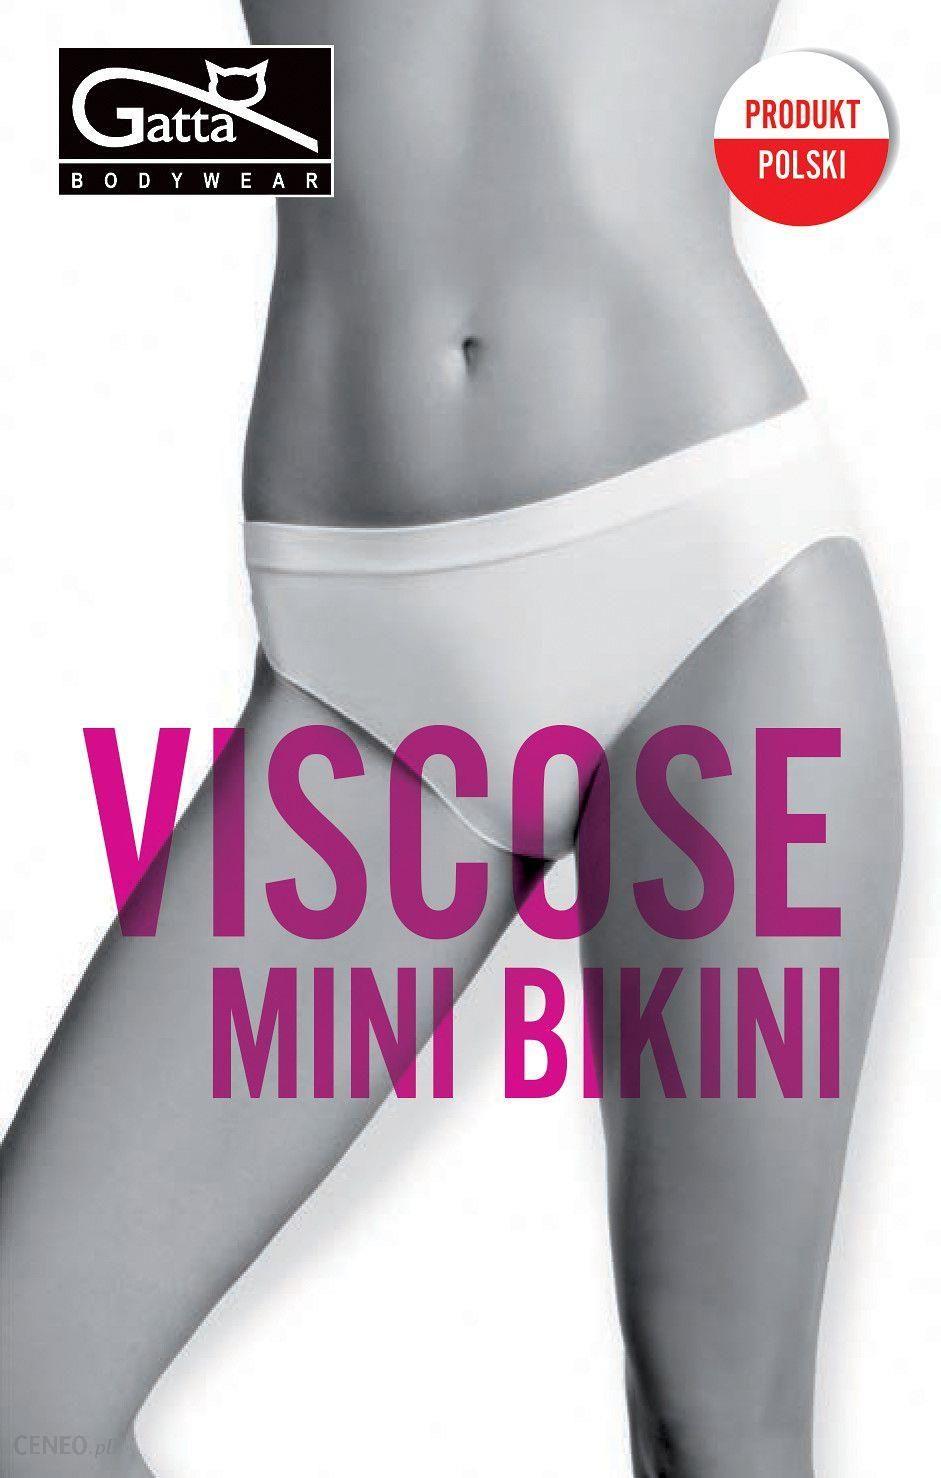 52c268635b83a0 GATTA Majtki - Mini Bikini Viscose Light Nude r. XL (0041543S46337) -  zdjęcie